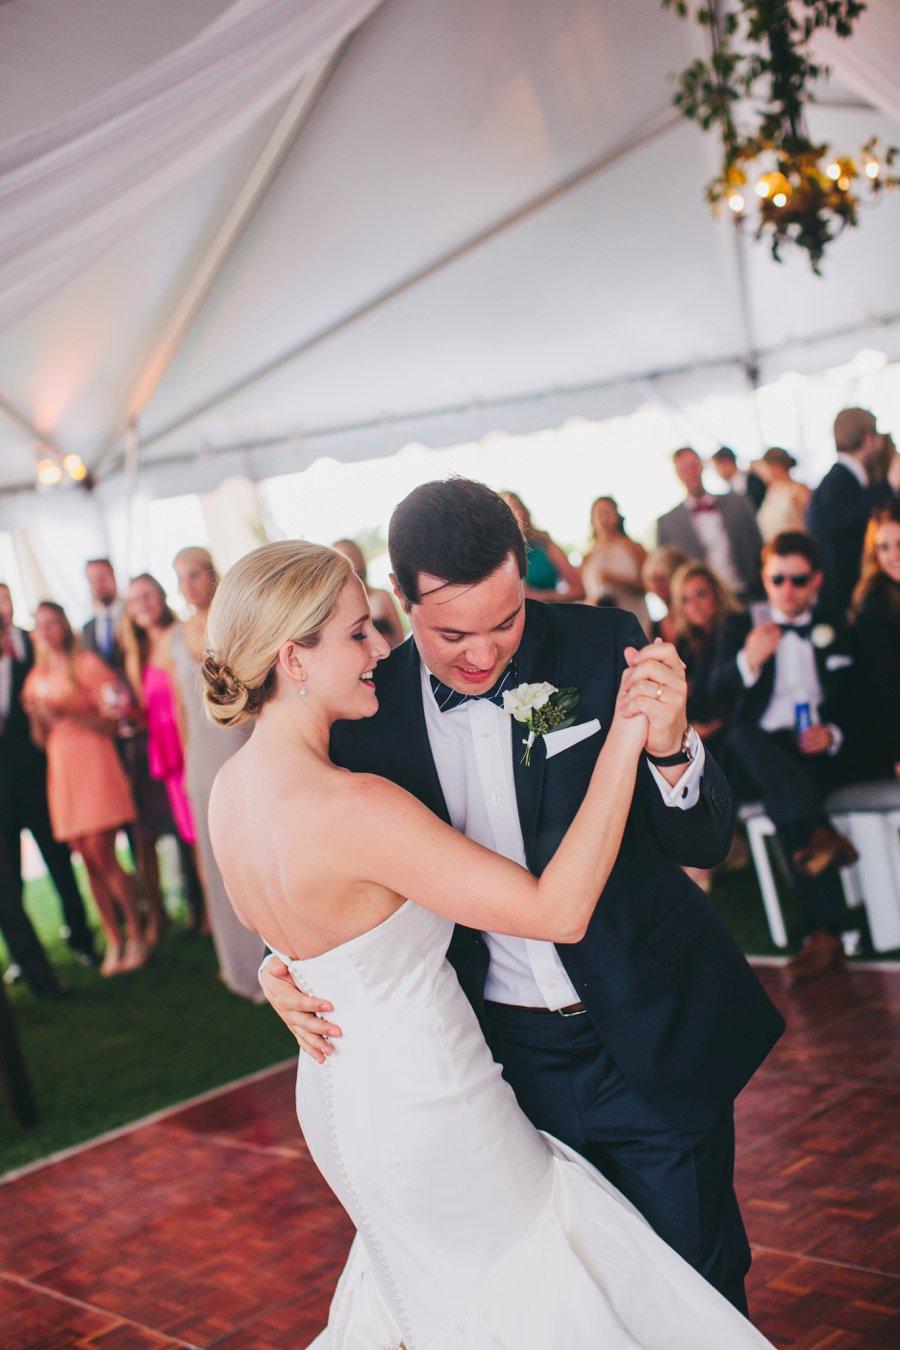 A Classic Green & White Florida Beach Wedding via TheELD.com